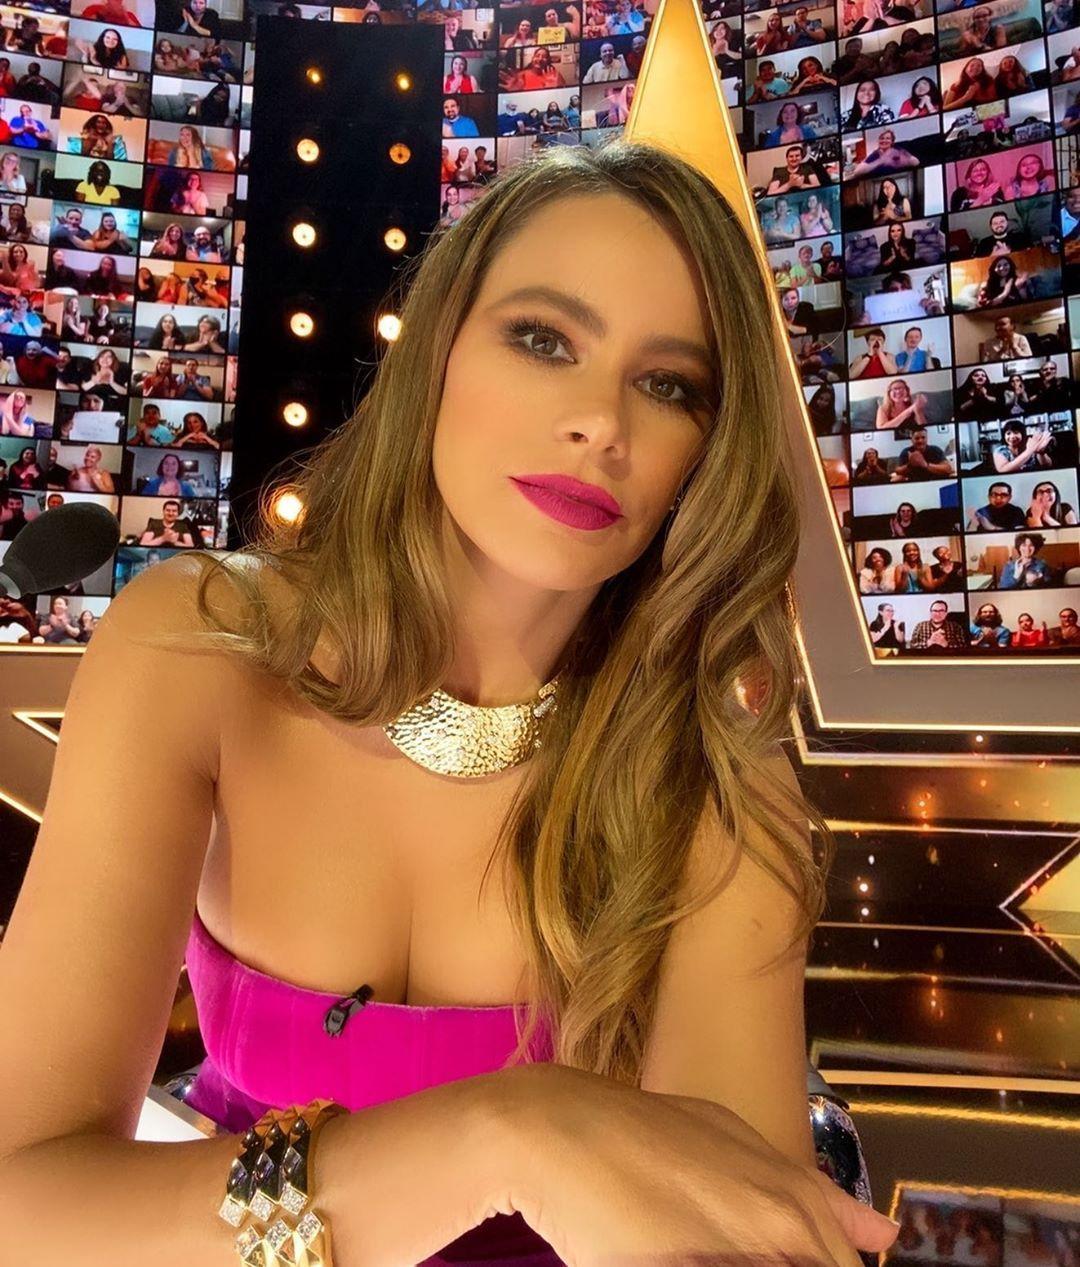 Segundo a Forbes, Sofía Vergara faturou US$ 43 milhões no último ano